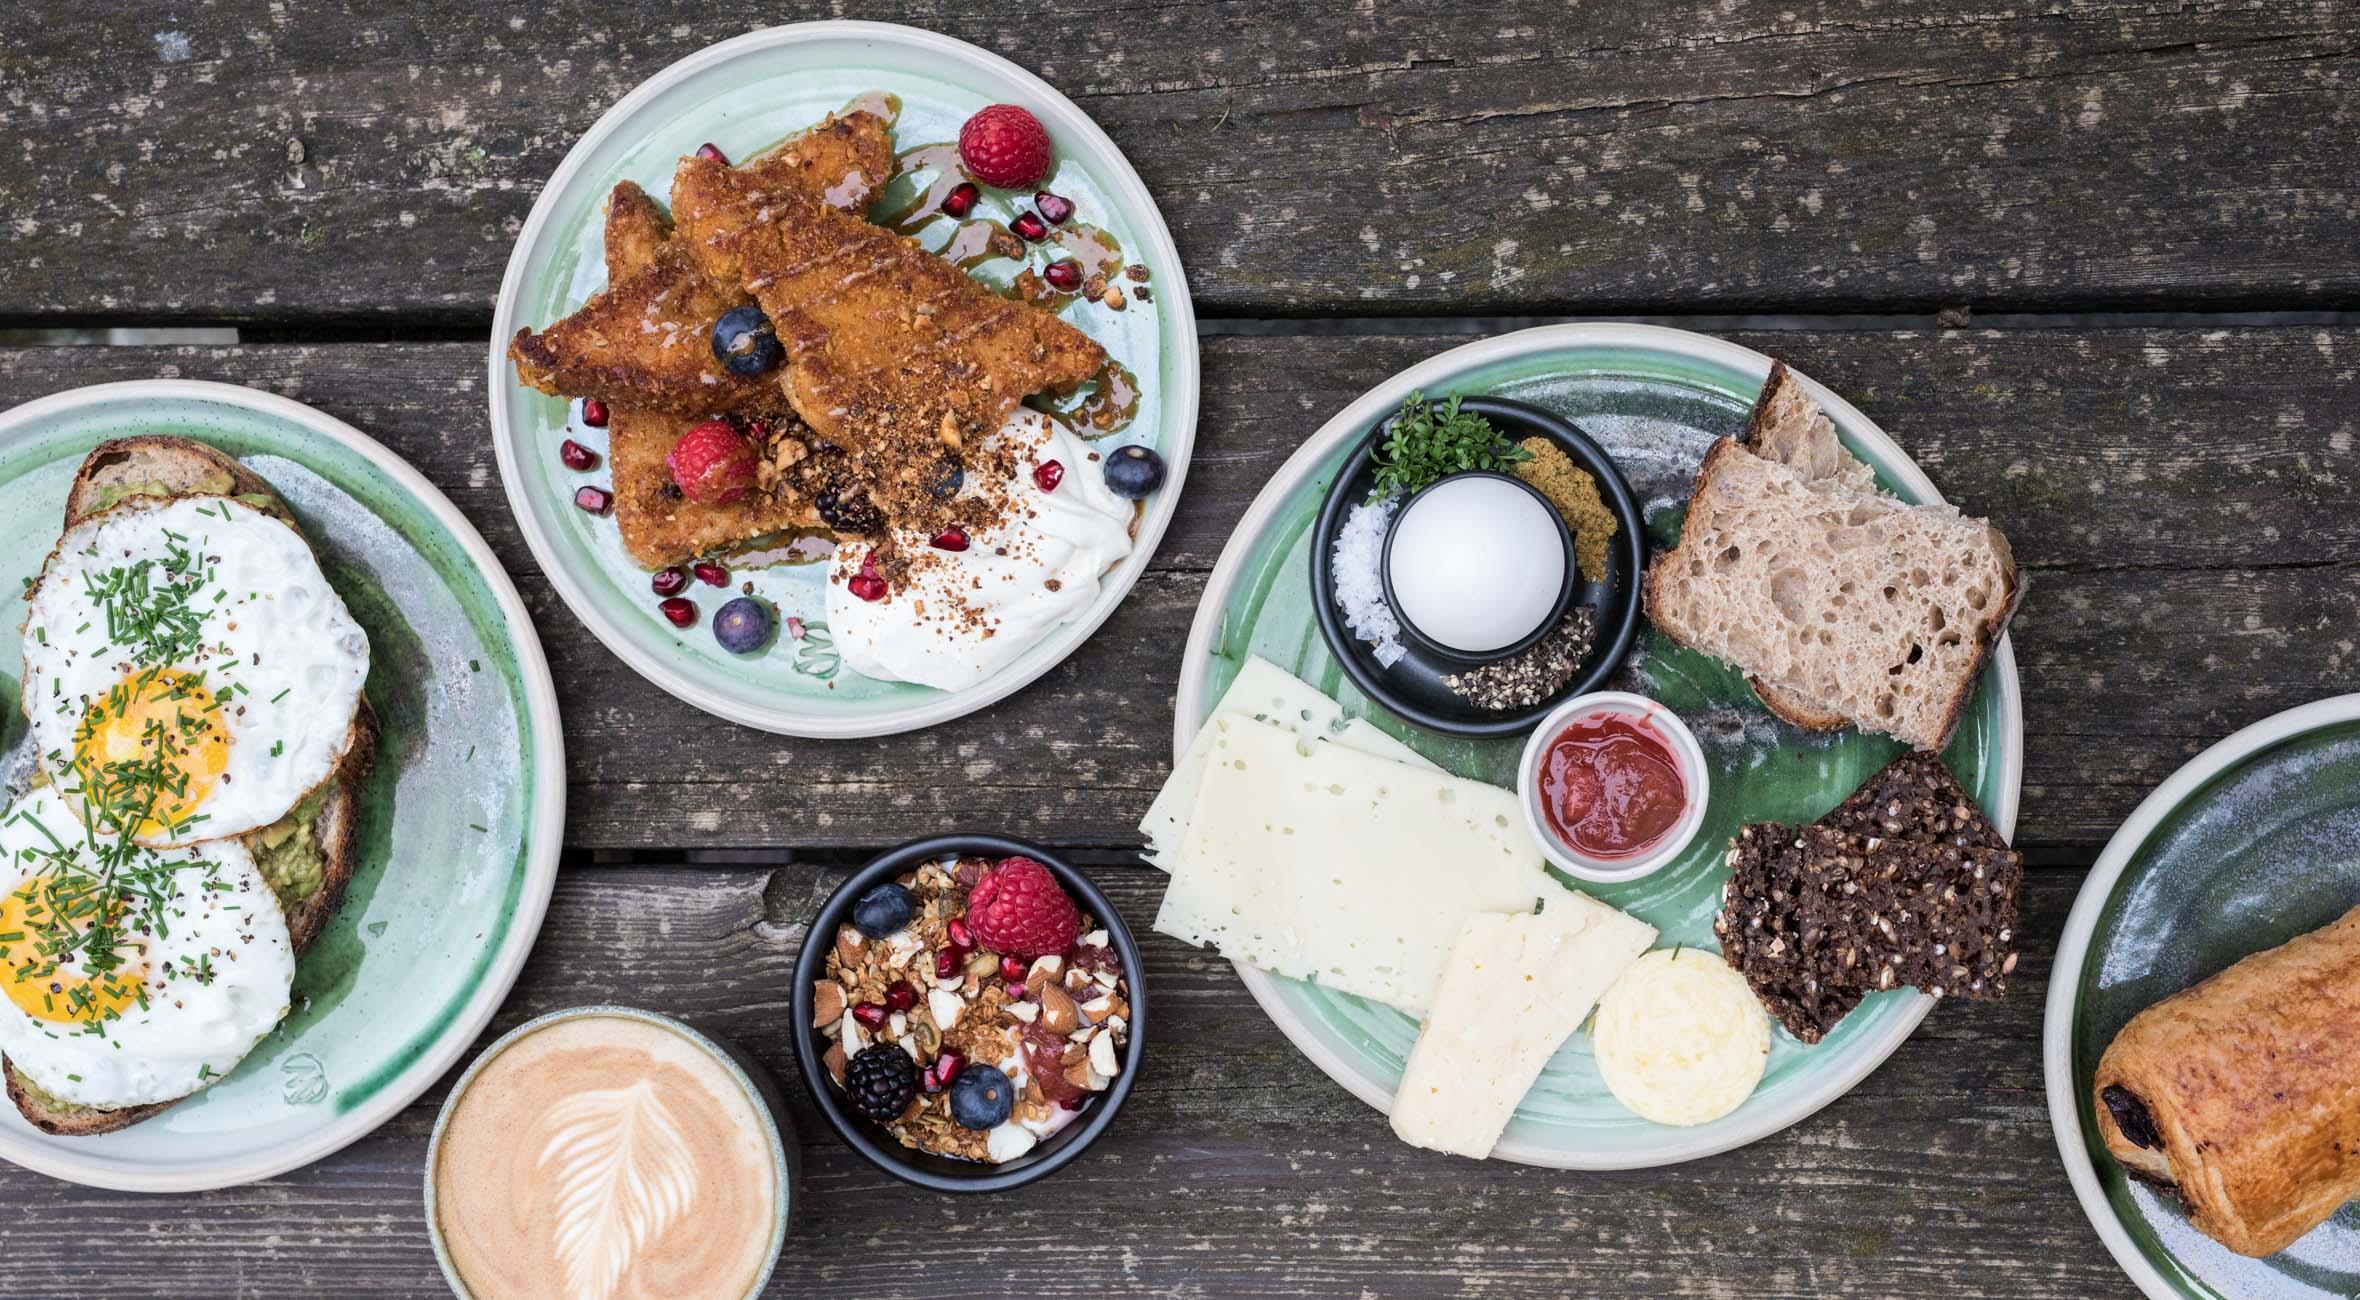 Frit valg til alt hos Mokkariet på Vesterbro – Nyd alt fra brunch til avocadomadder, gourmet-sandwich, juice, kaffe & kage m.m.